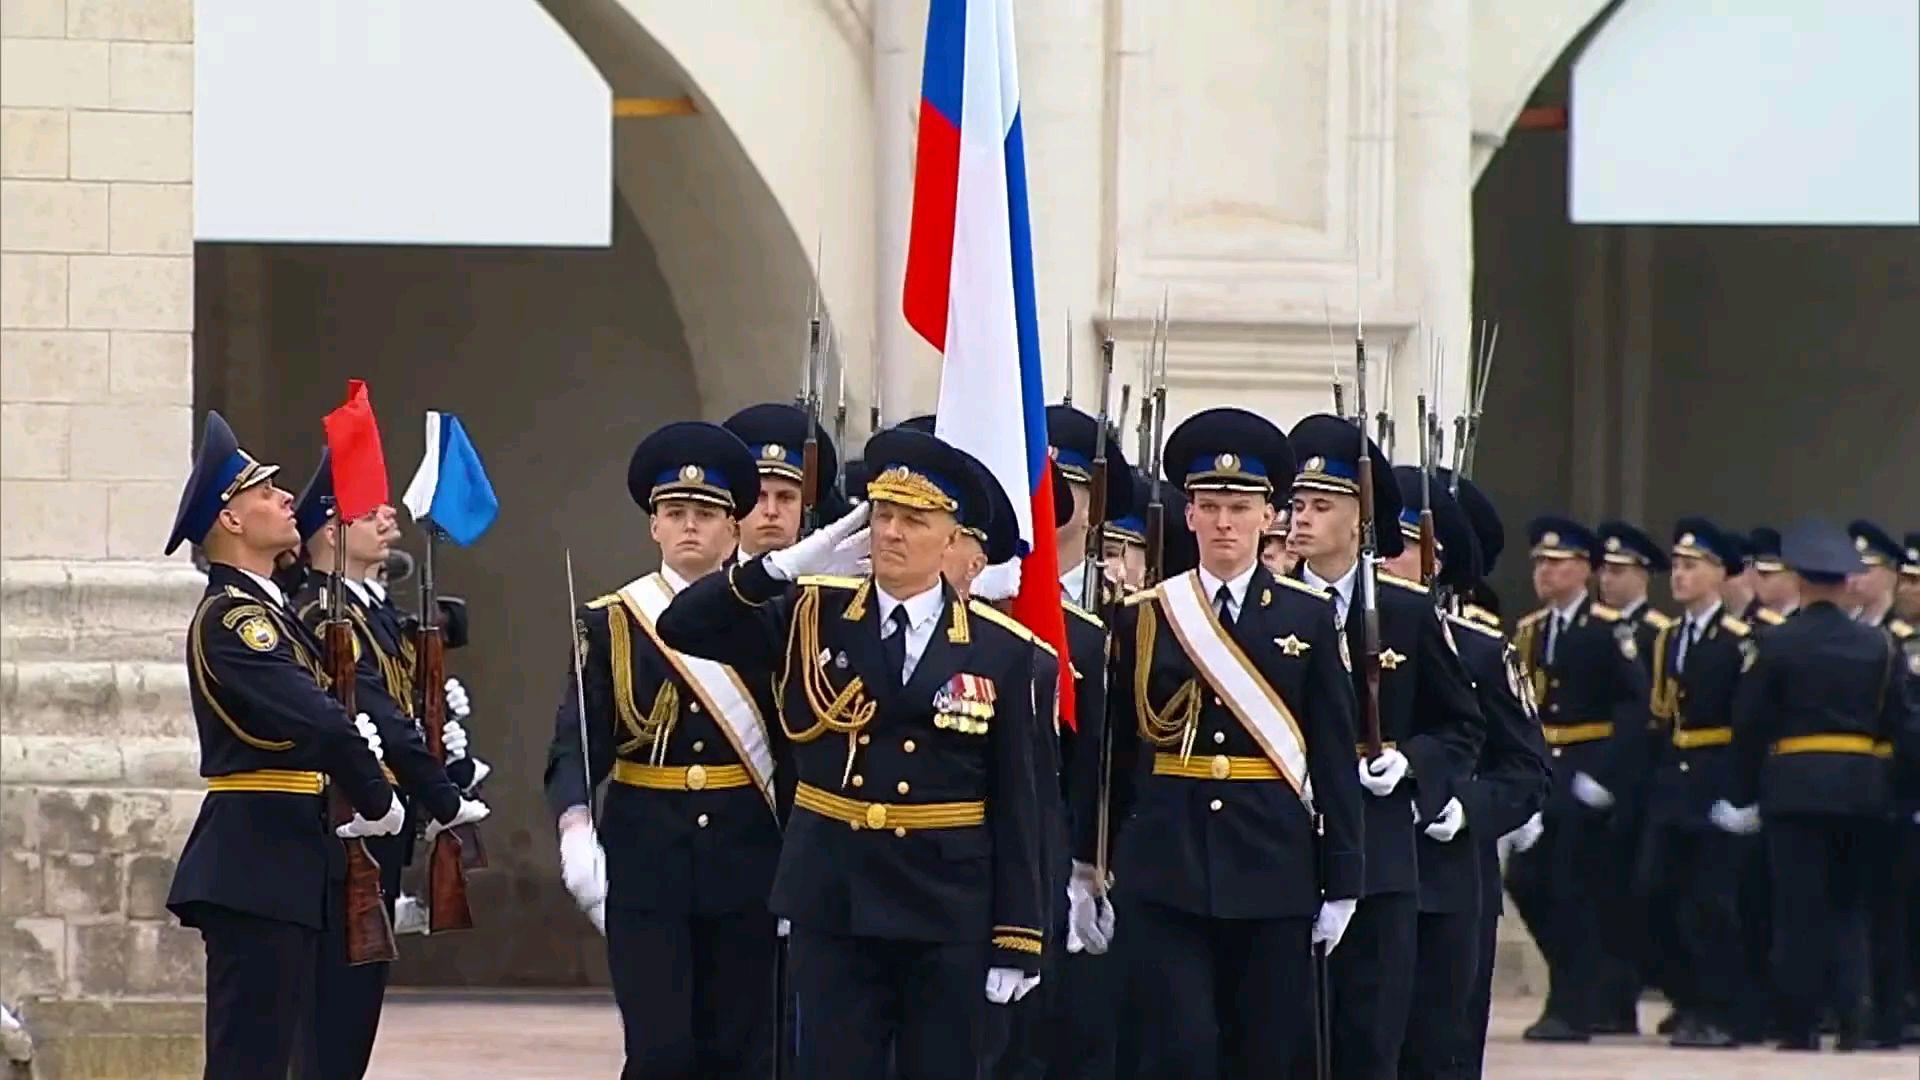 2020年俄罗斯卫国战争胜利75周年-克里姆林宫小型阅兵